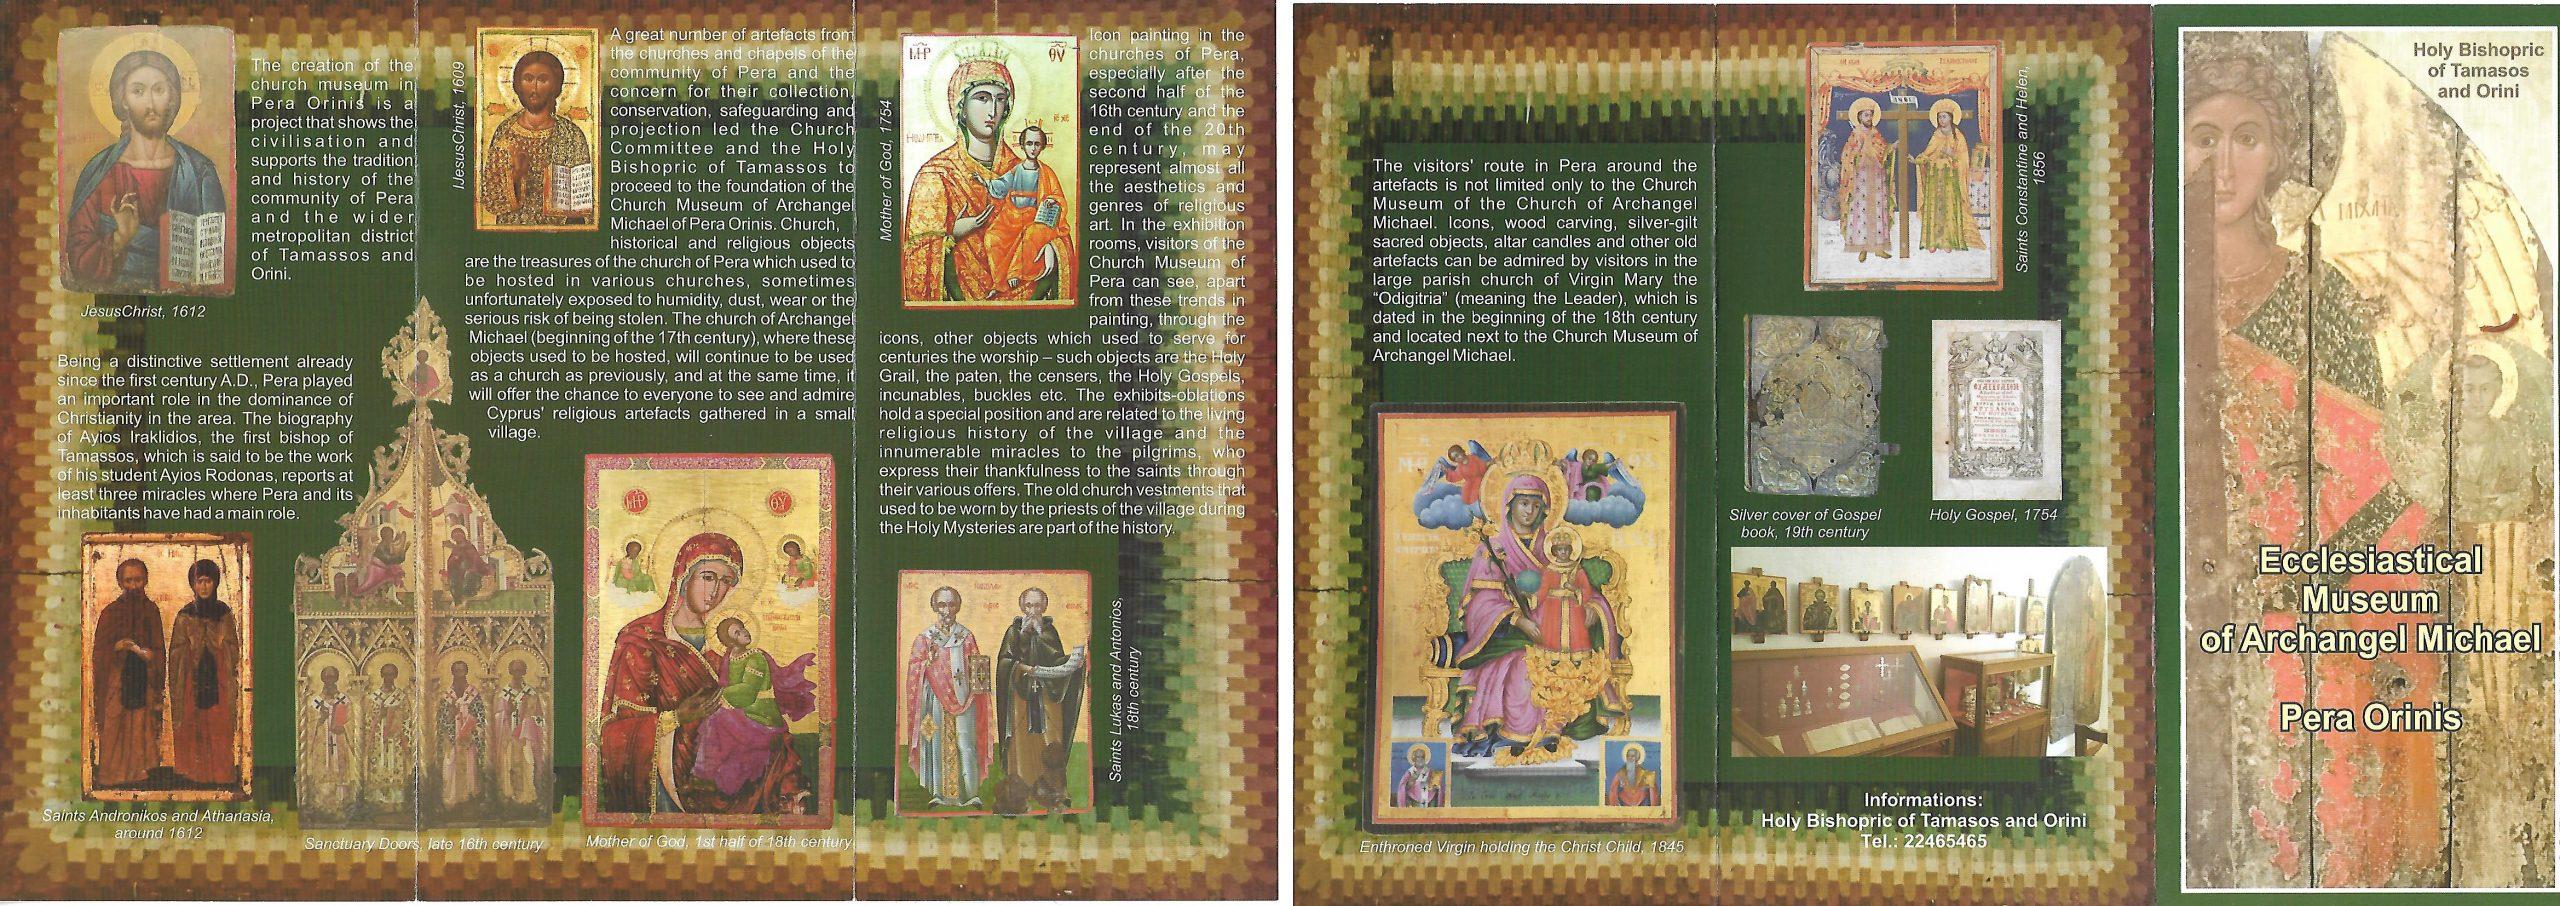 Τρίπτυχο Εκκλησιαστικού Μουσείου στα ΑΓΓΛΙΚΑ